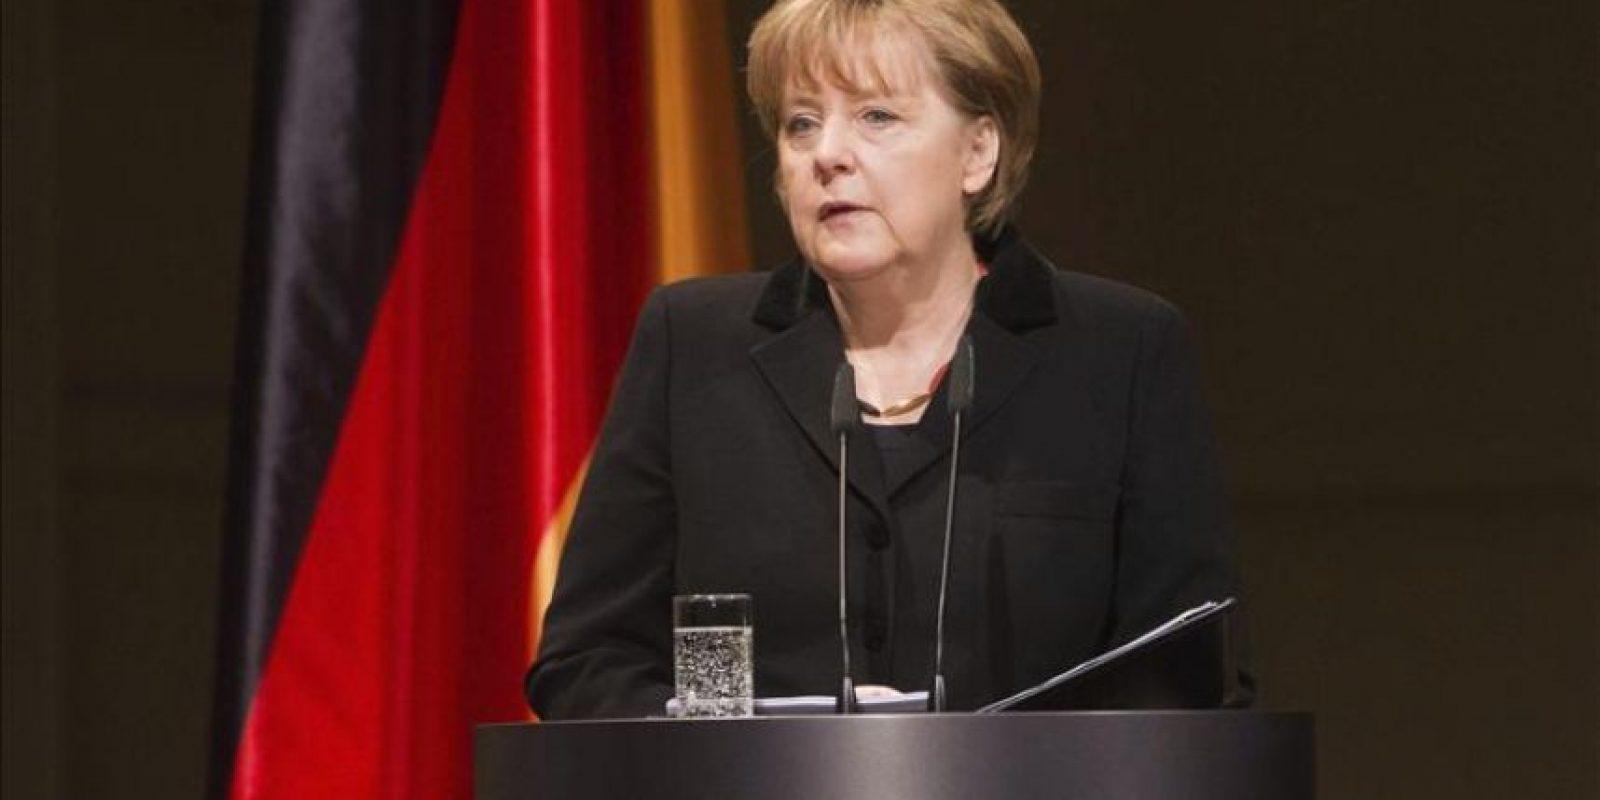 La canciller alemana, Angela Merkel, da un discurso durante el acto de homenaje a las diez víctimas mortales -nueve extranjeros y una policía- del comando terrorista neonazi descubierto el pasado noviembre y cuya existencia conmocionó a Alemania, celebrado en la Konzerthaus, en Berlín (Alemania) hoy, jueves 23 de febrero de 2012. EFE